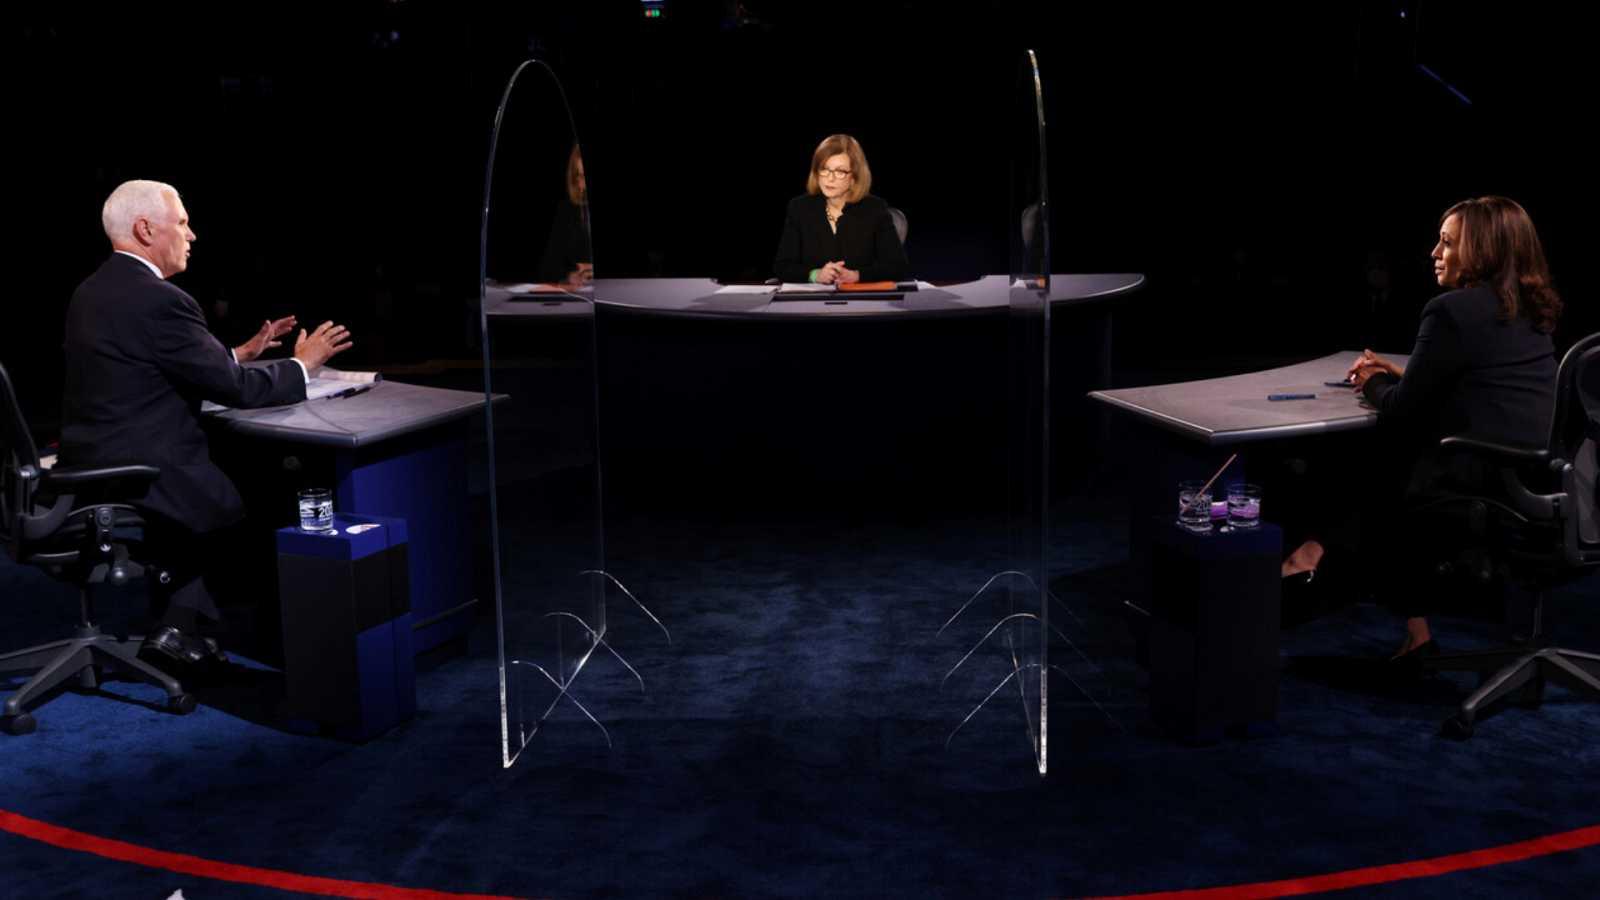 Especial informativo - Post-debate vicepresidencial elecciones EE.UU - ver ahora